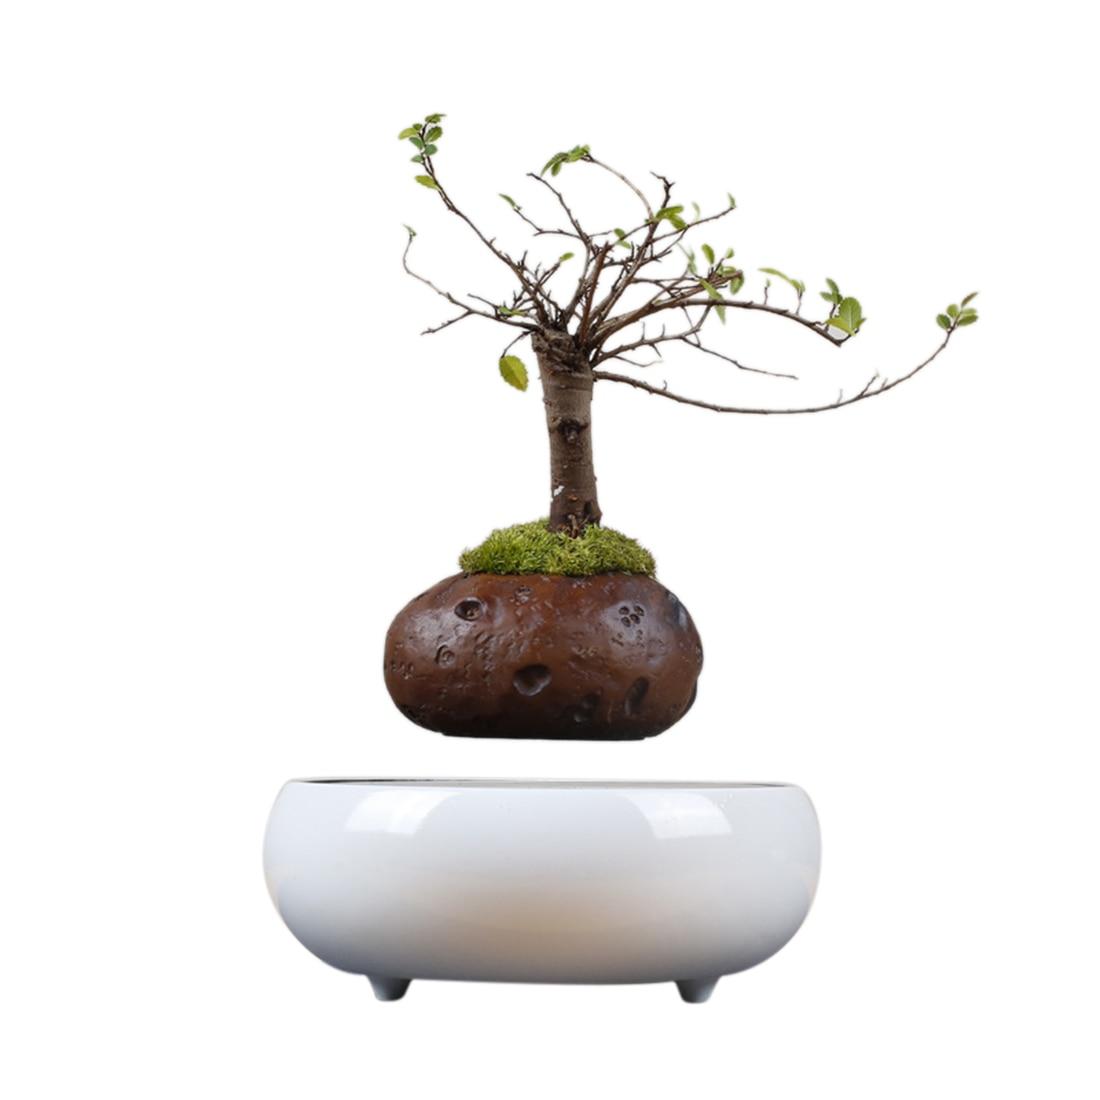 Nouveau Pot de plantes suspendu populaire flottant plante magnétique avec Base en céramique Imitation pour maison bureau jardin décor-EU Plug